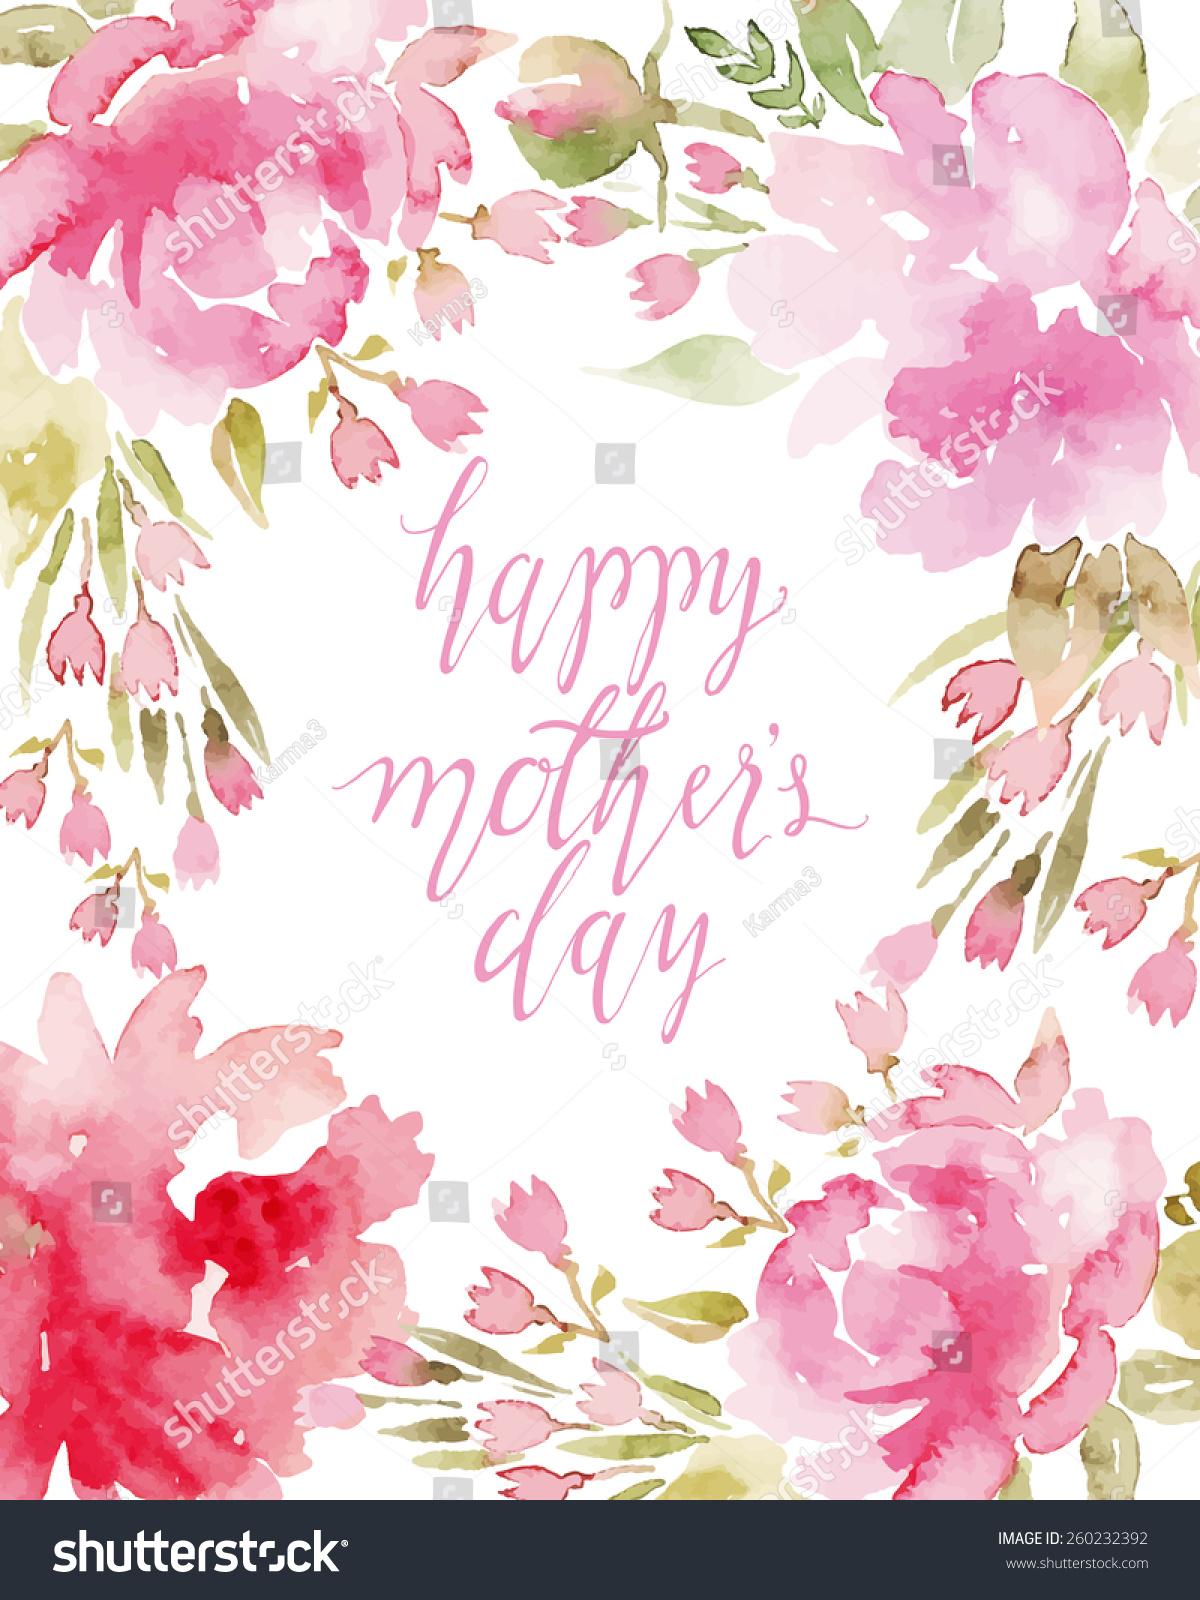 Watercolor flowers peonies handmade greeting cards stock vector watercolor flowers peonies handmade greeting cards spring composition kristyandbryce Images